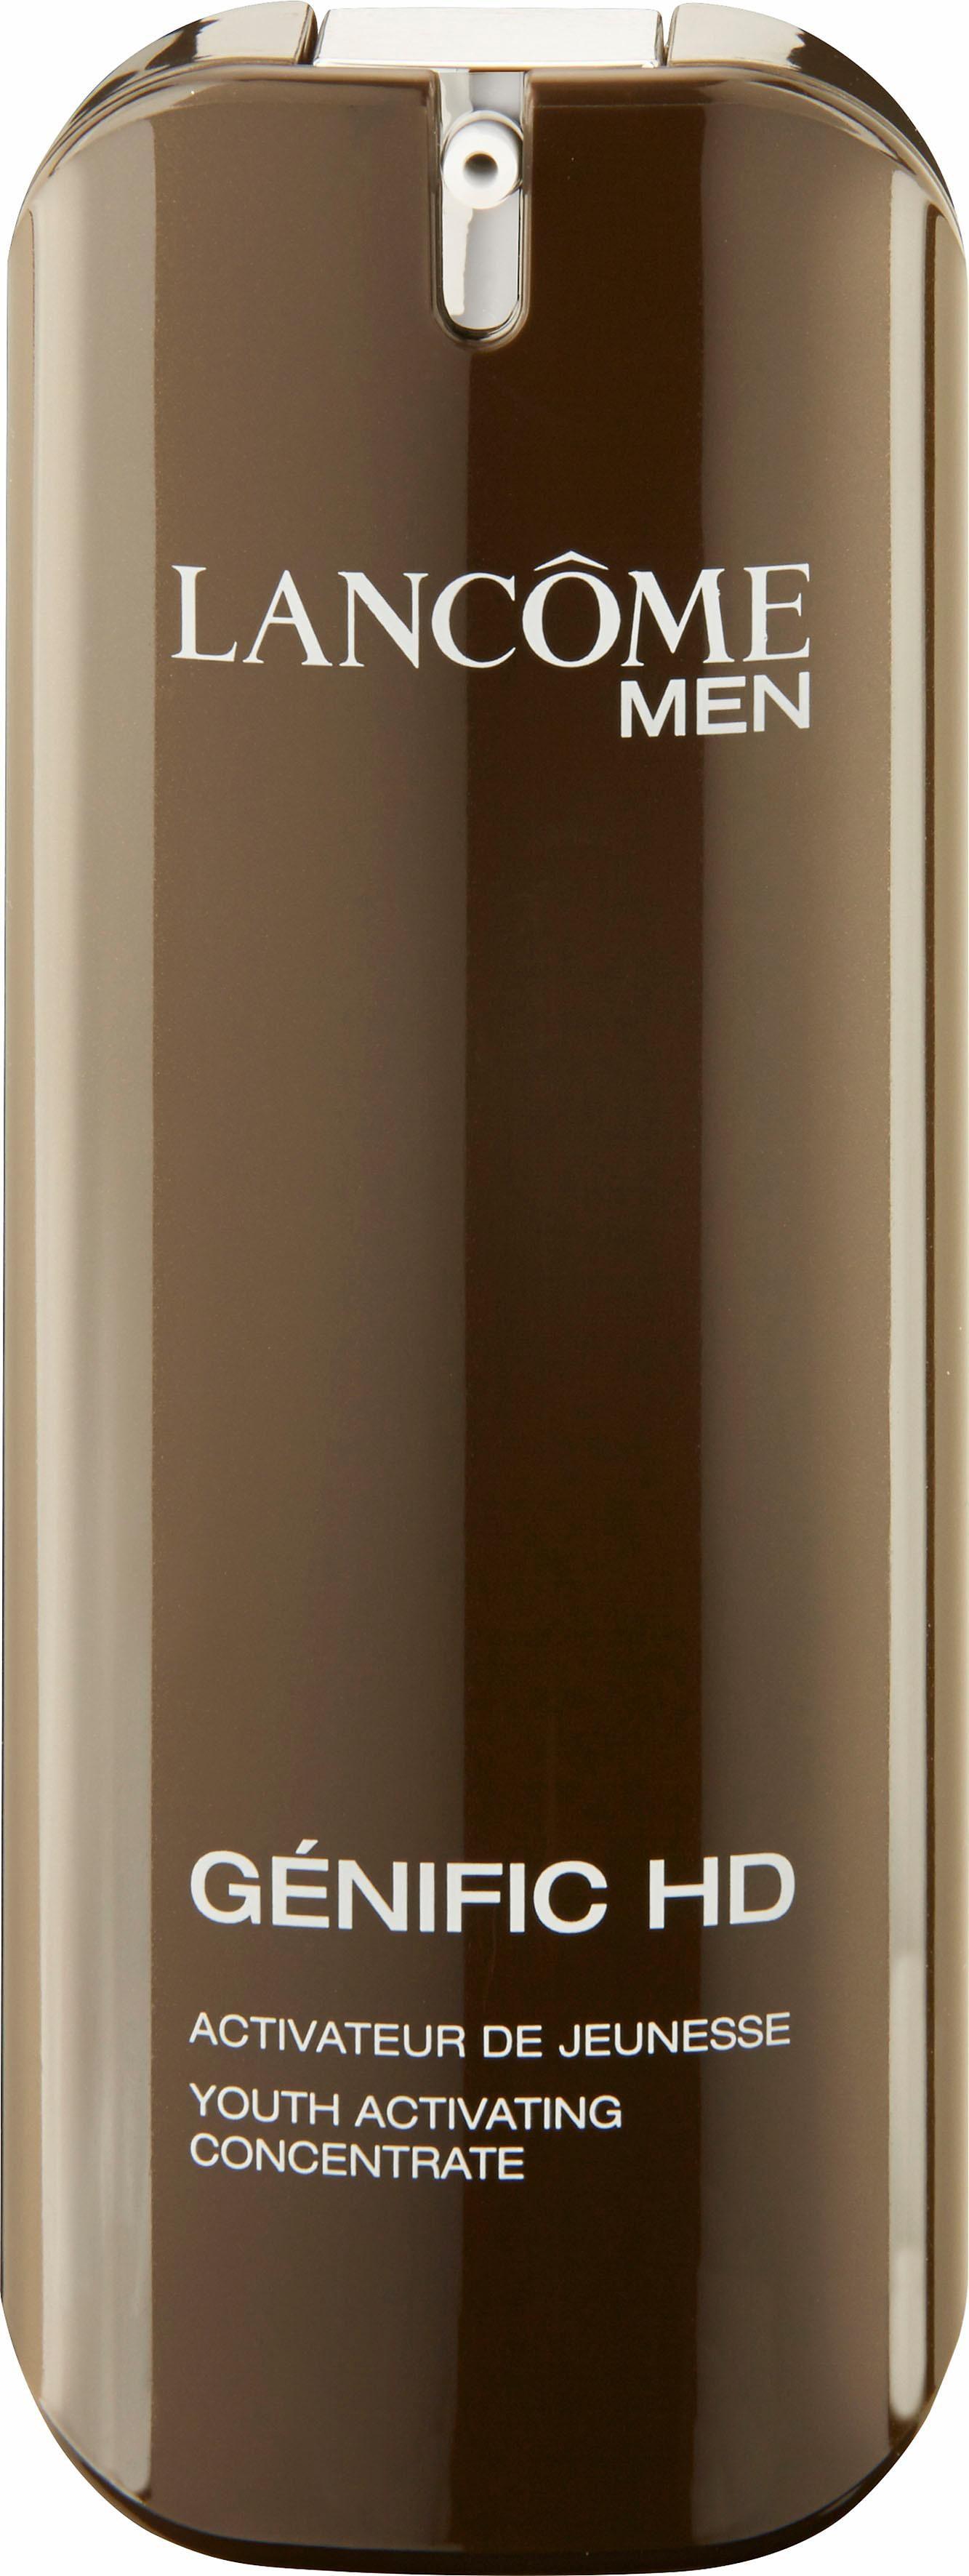 Lancôme Men, »Génific HD«, Aktivierendes Fluid